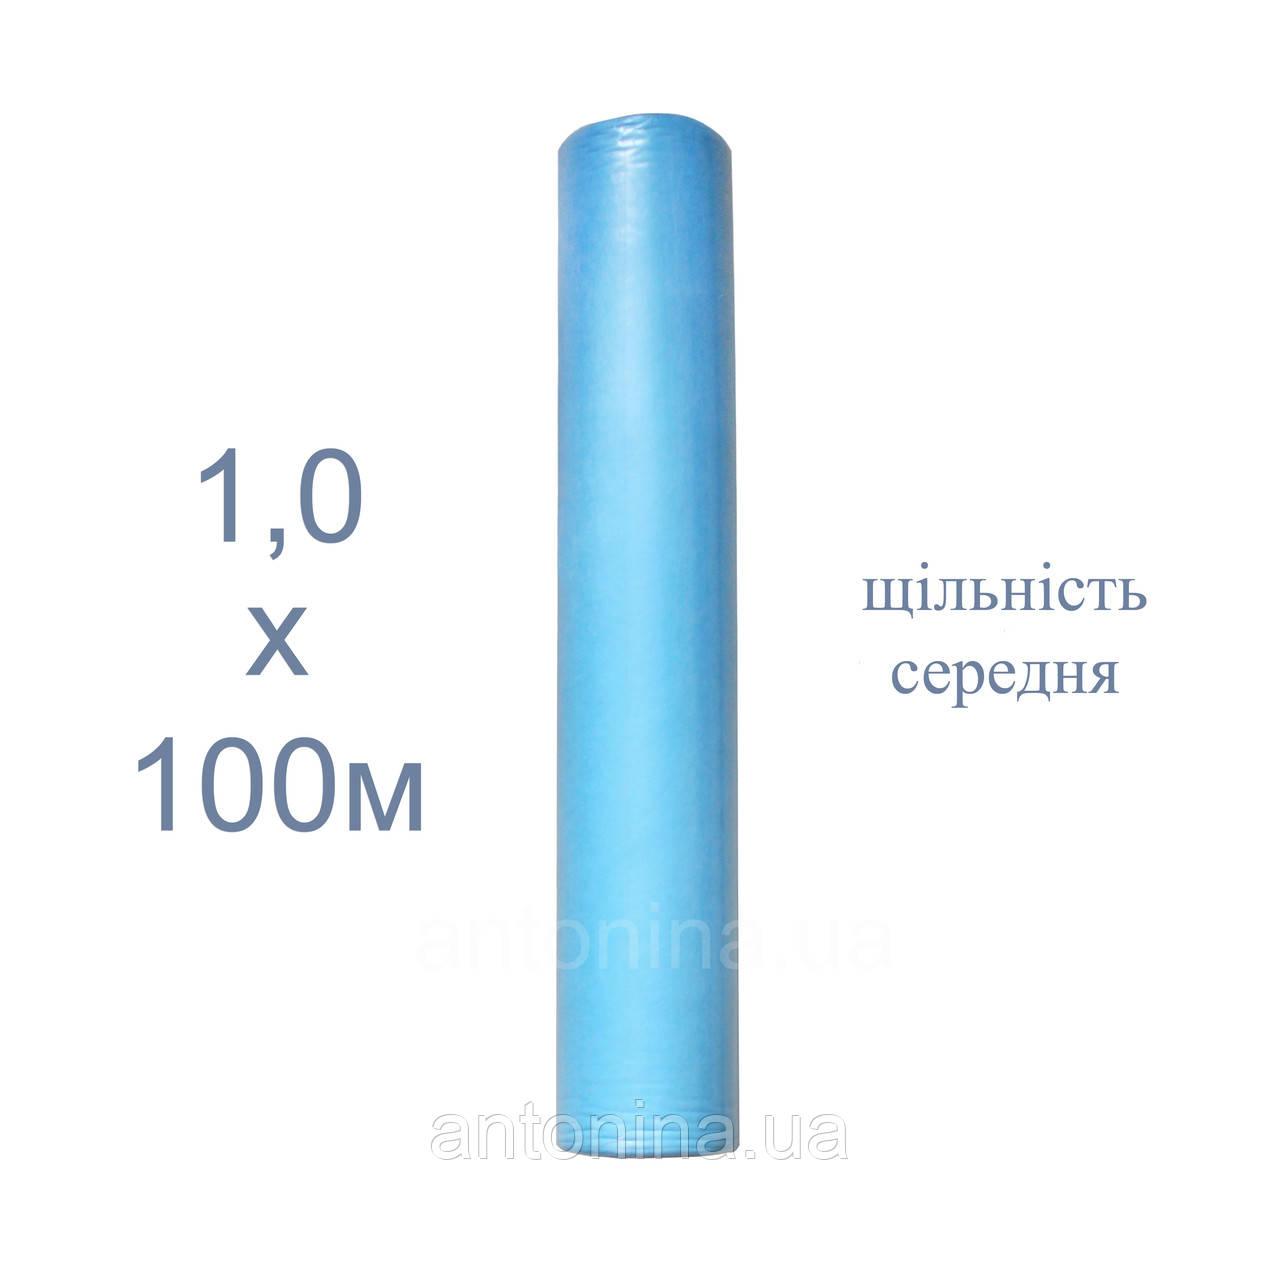 """Простыни одноразовые голубые 1,0х100м (пл.средн) ТМ """"Антонина"""", спанбонд"""